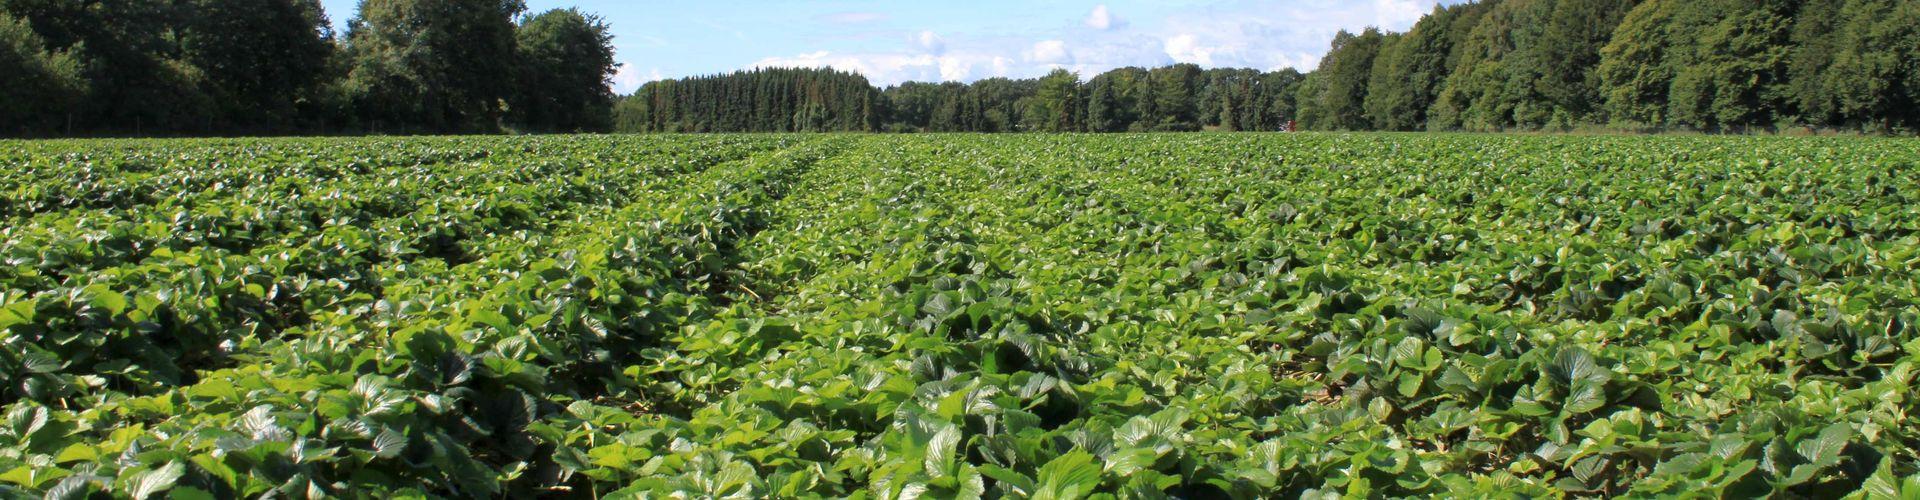 Geschlossener Pflanzenbestand im Vermehrungsfeld